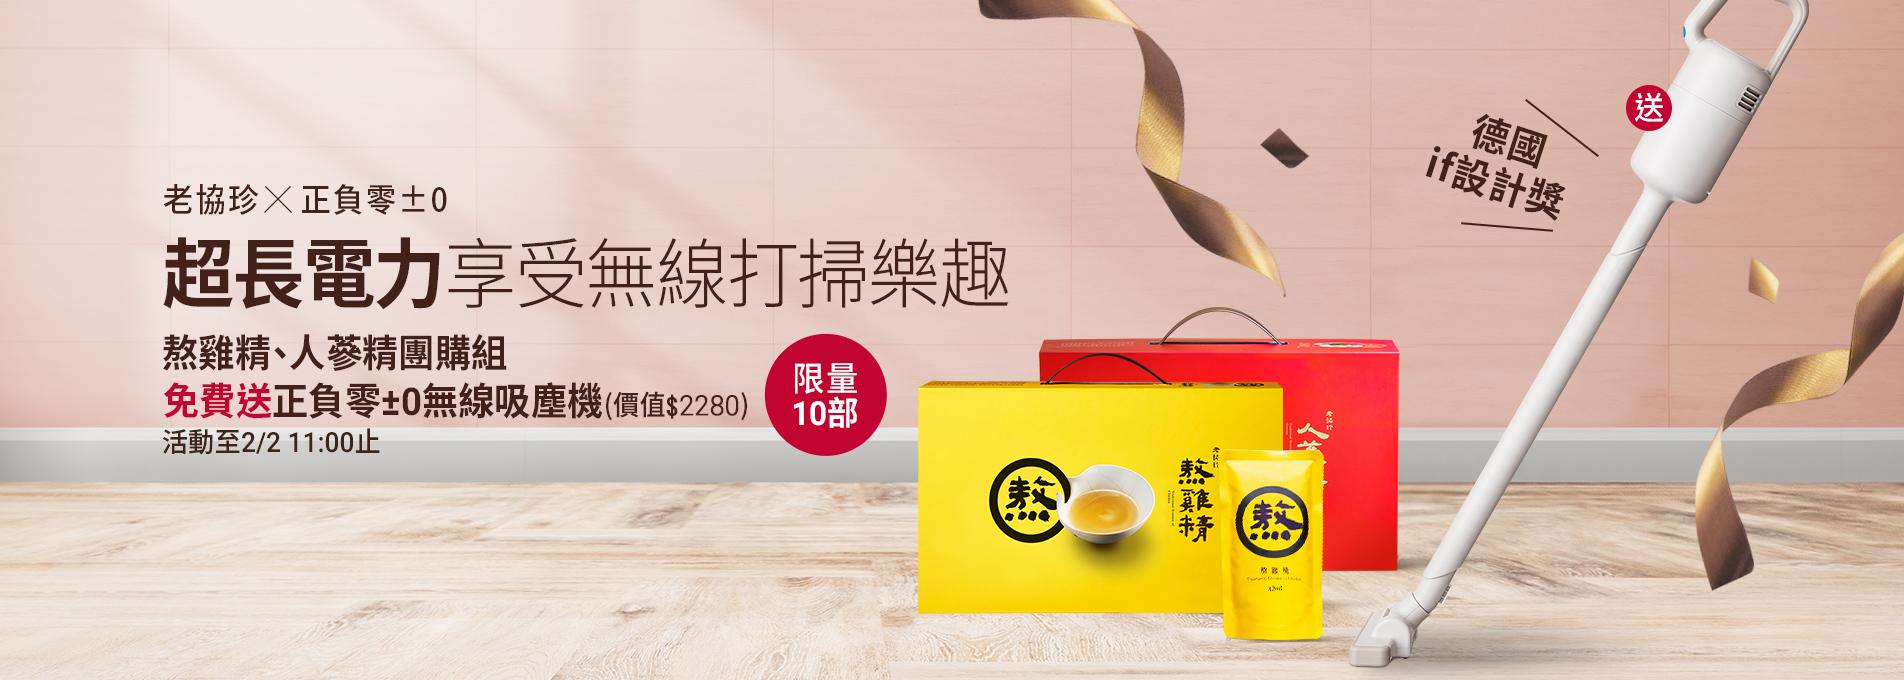 【新春限定】熬雞精禮盒 暖薑口味(14入)7盒組